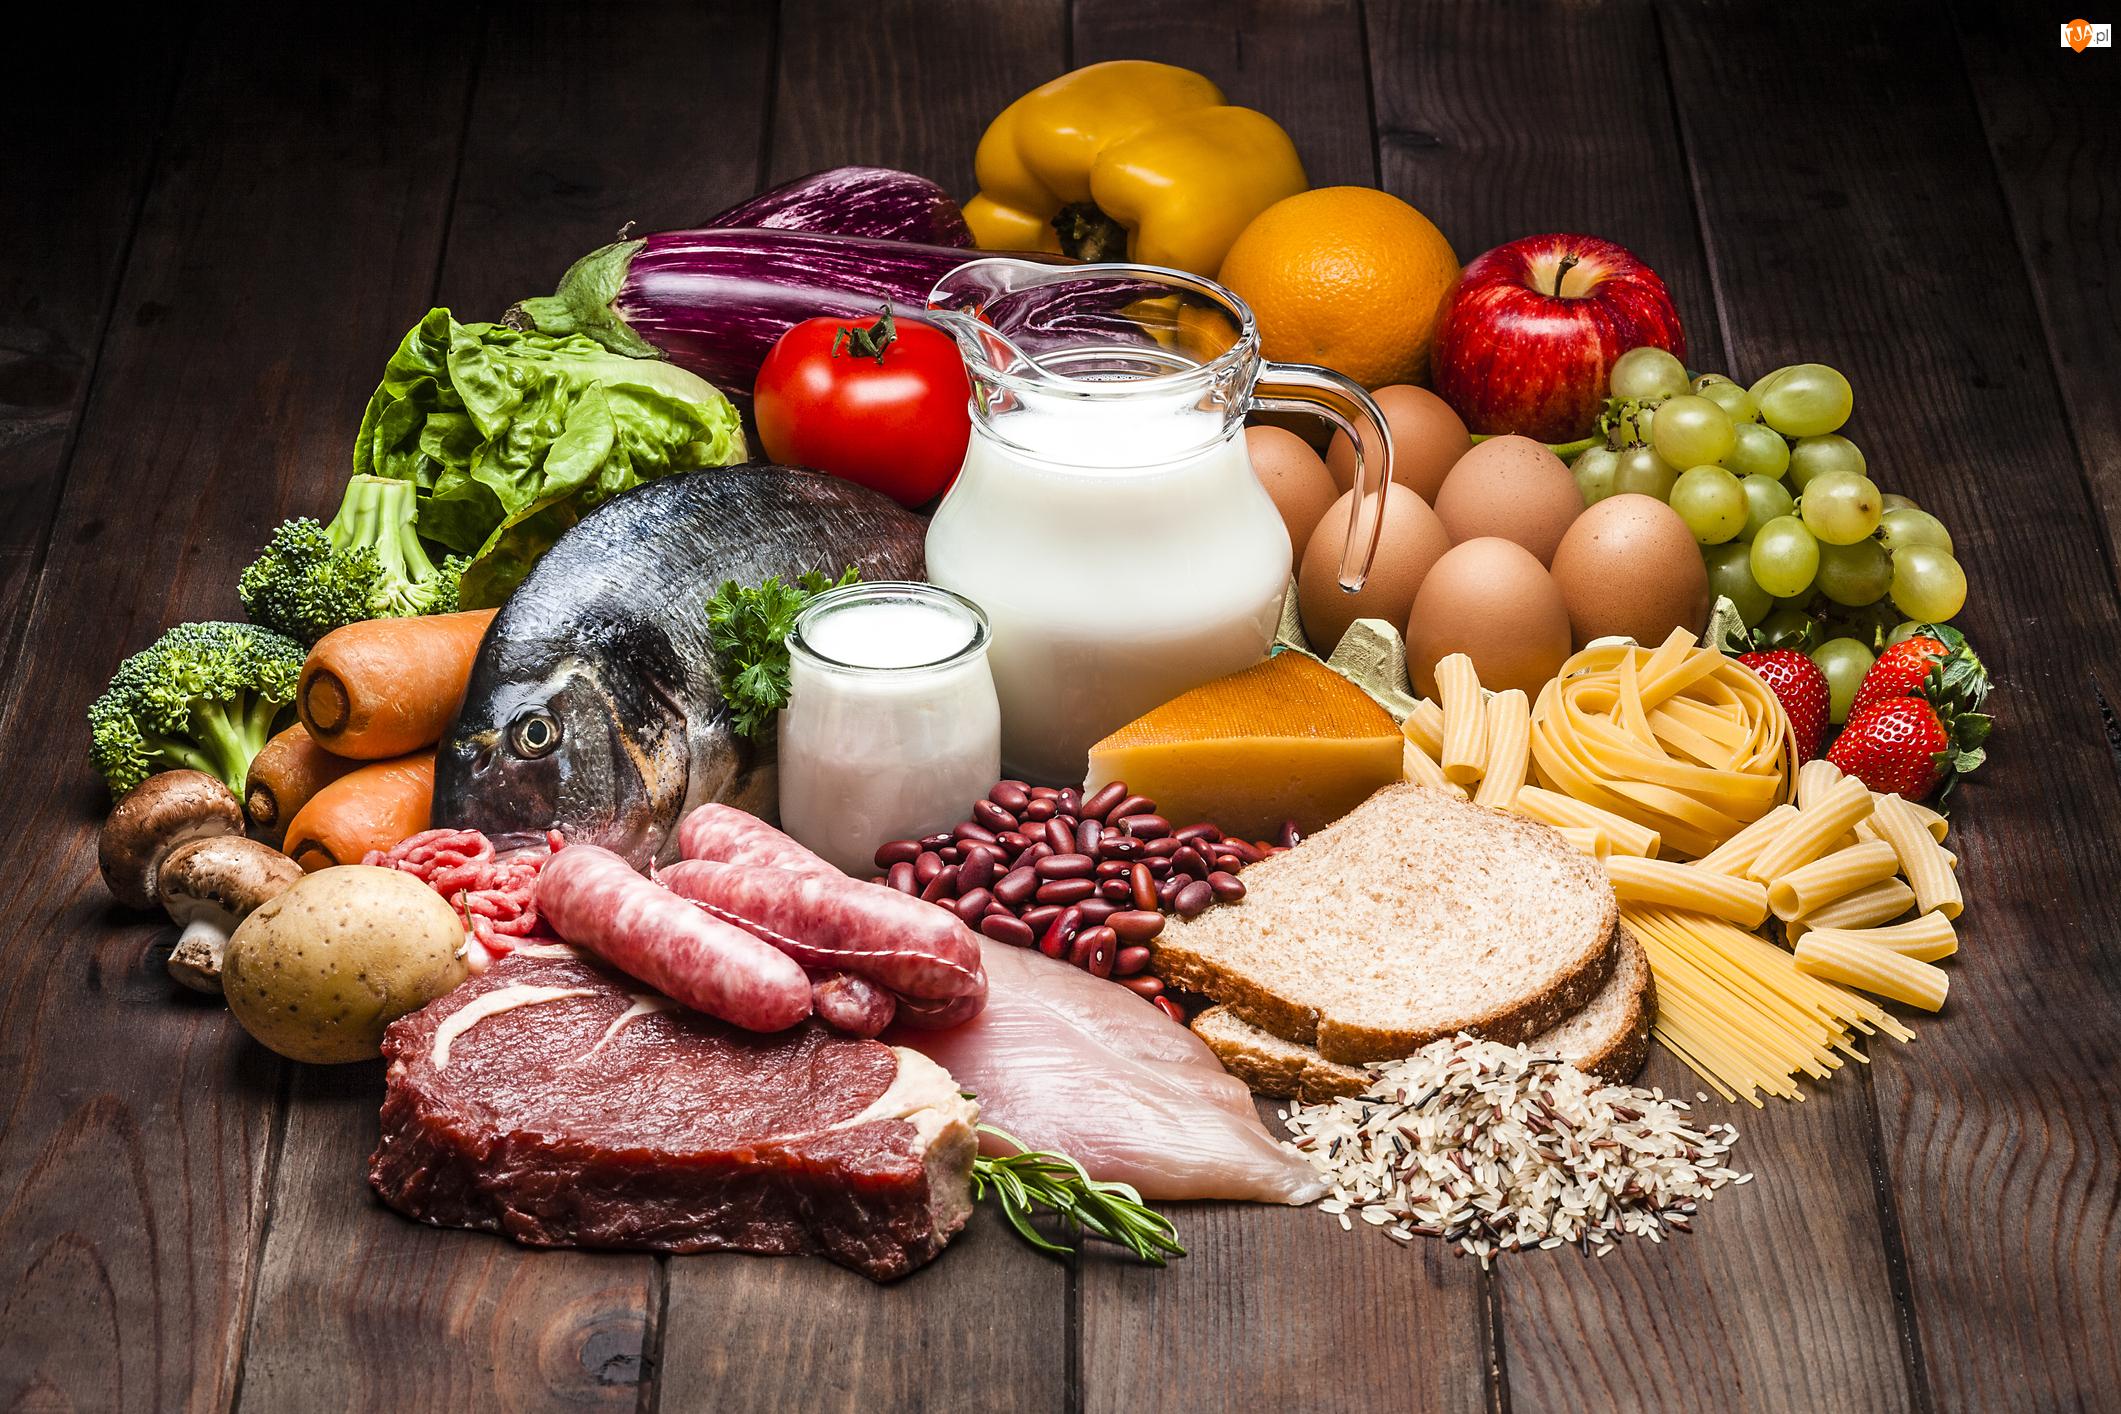 Mięso, Wędliny, Owoce, Jedzenie, Papryka, Warzywa, Przyroda